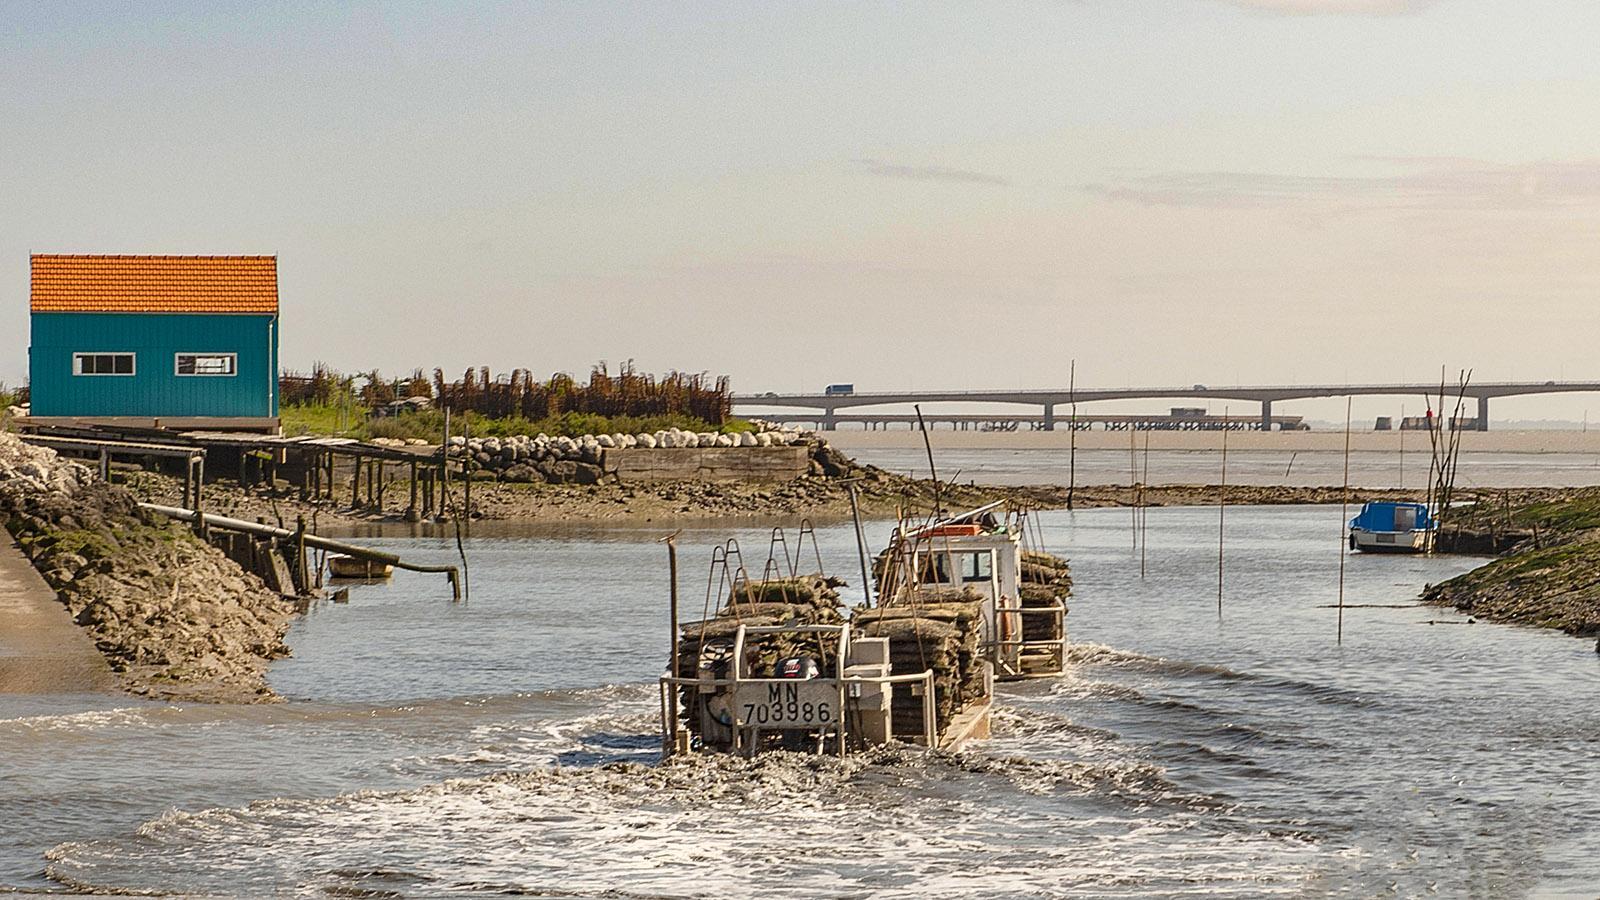 Île d'Oléron: Ein Austernfischer verlässt den Hafen von Saint-Trojan-les-Bains. Foto: Hilke Maunder